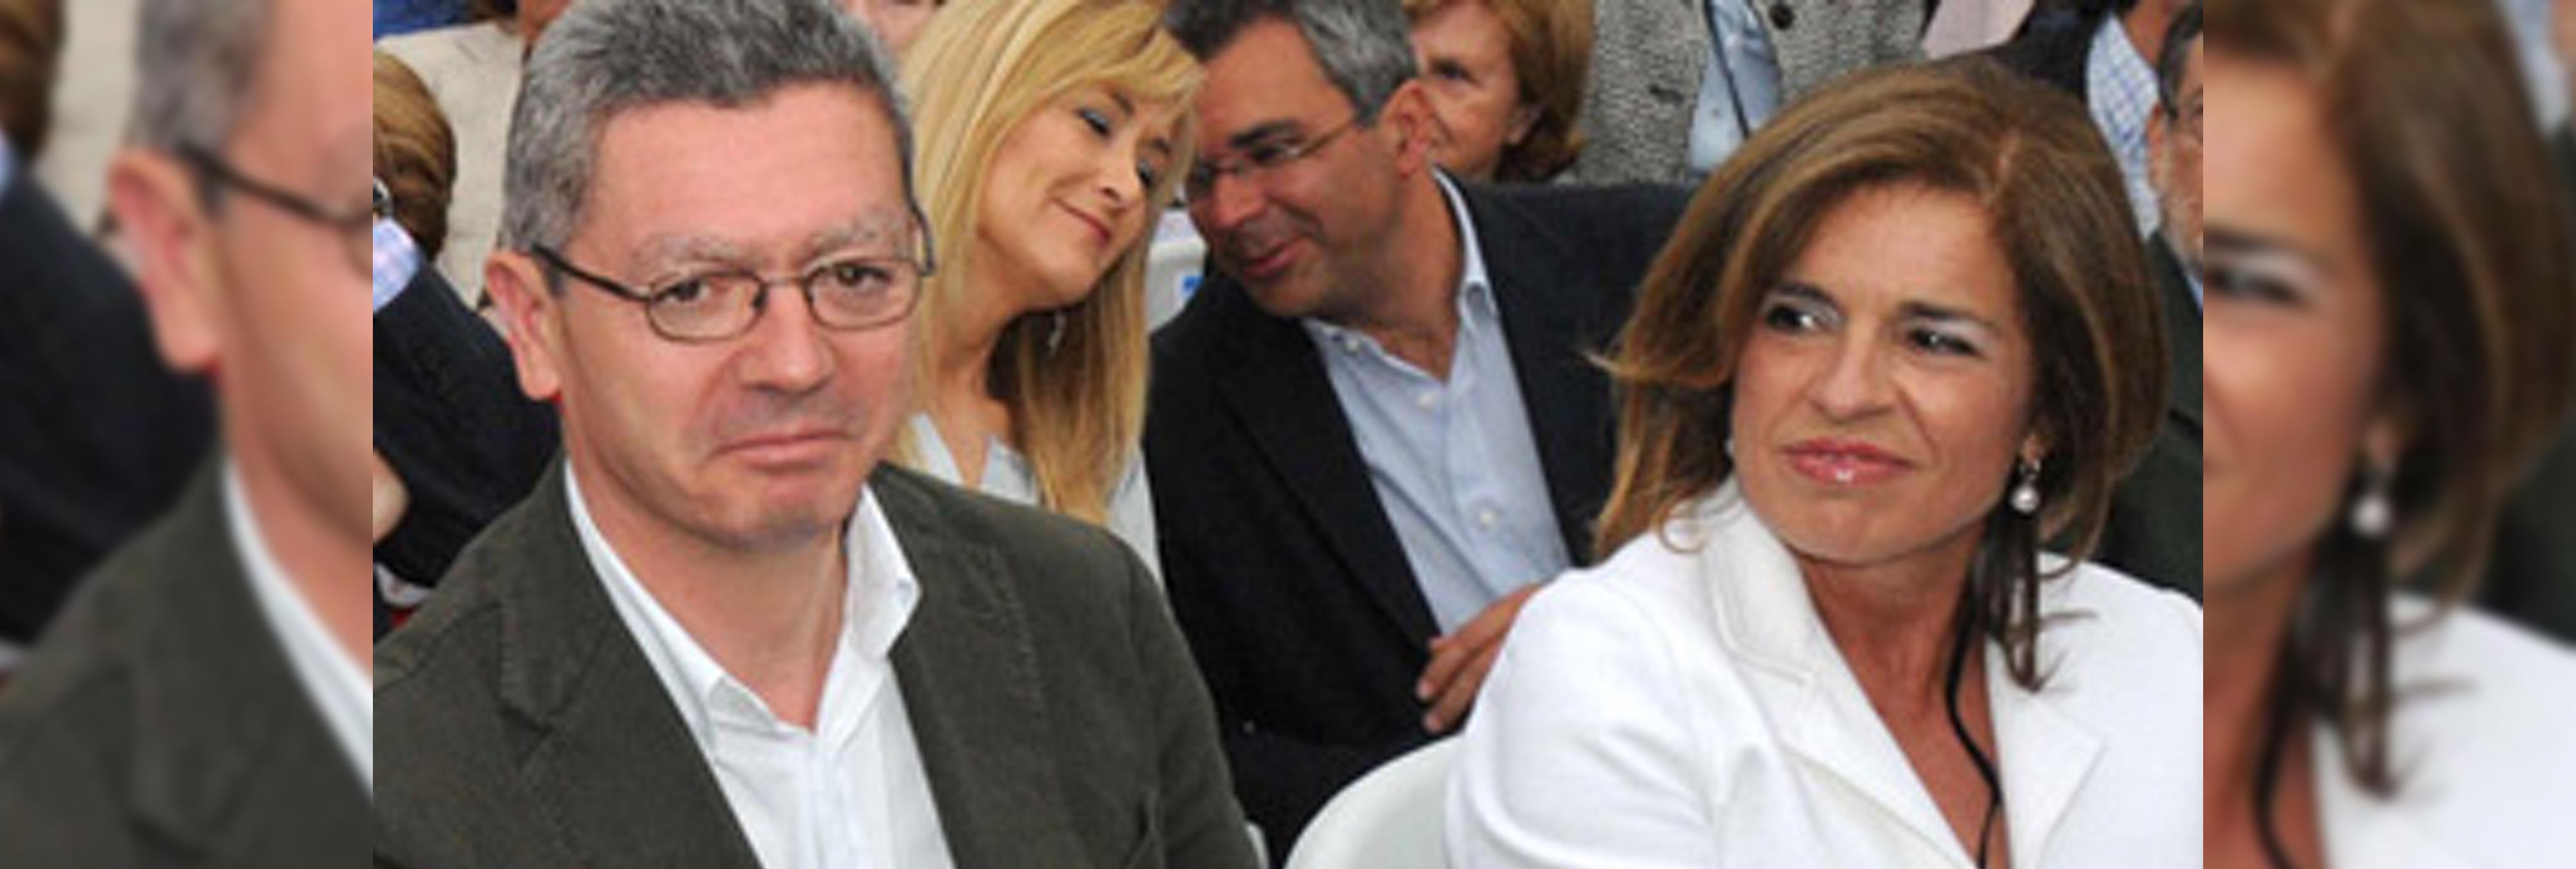 Gallardón y Botella regalaron 16 millones de euros a subcontratas vinculadas con Lezo y Púnica